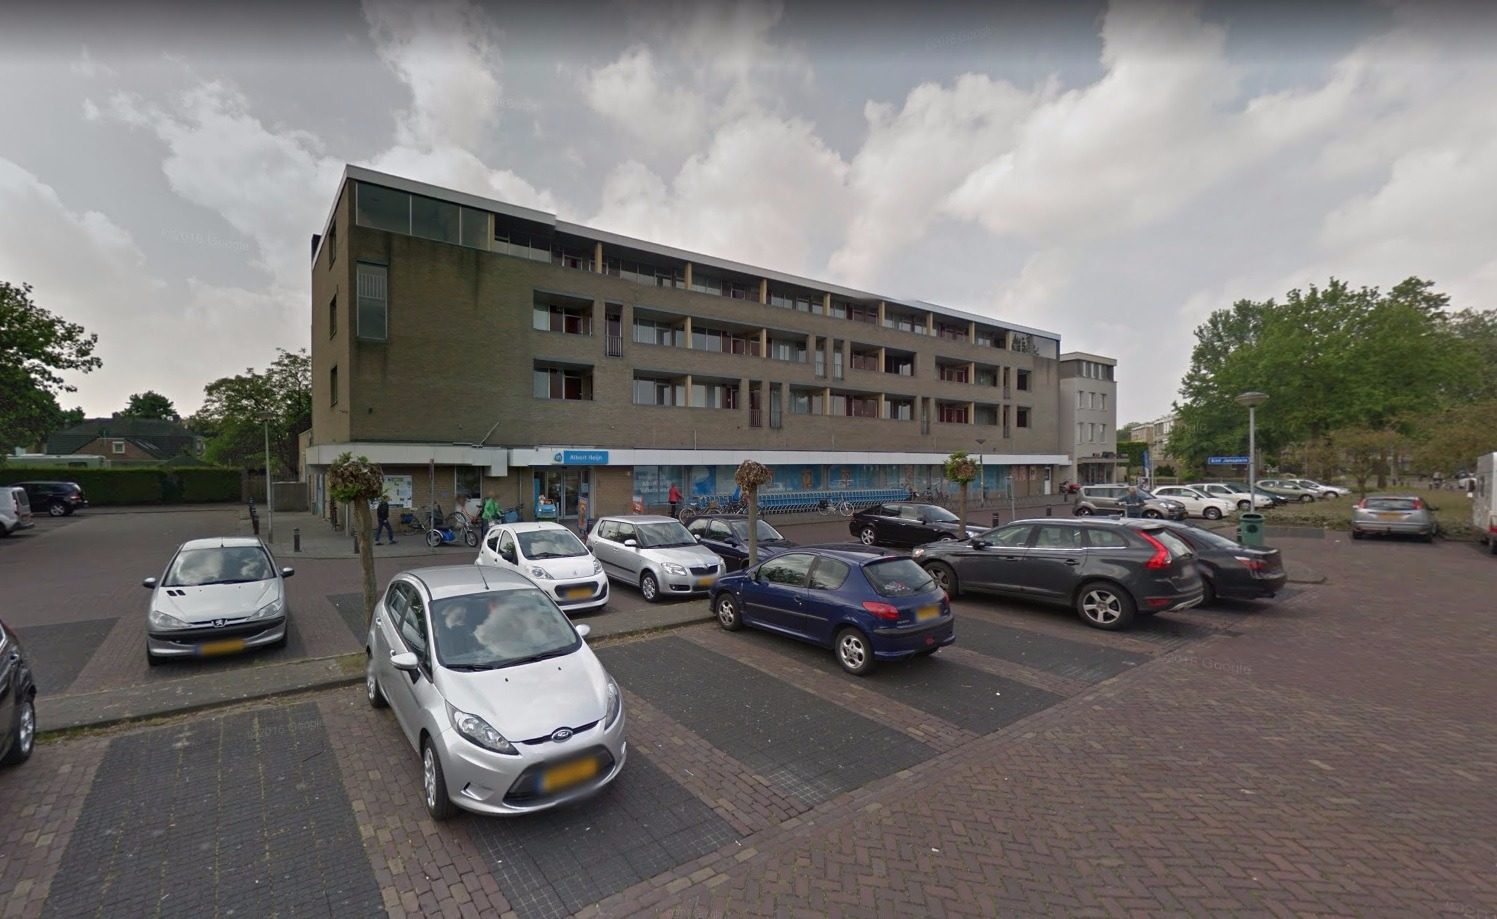 Kard. de Jongstraat, Valkenswaard